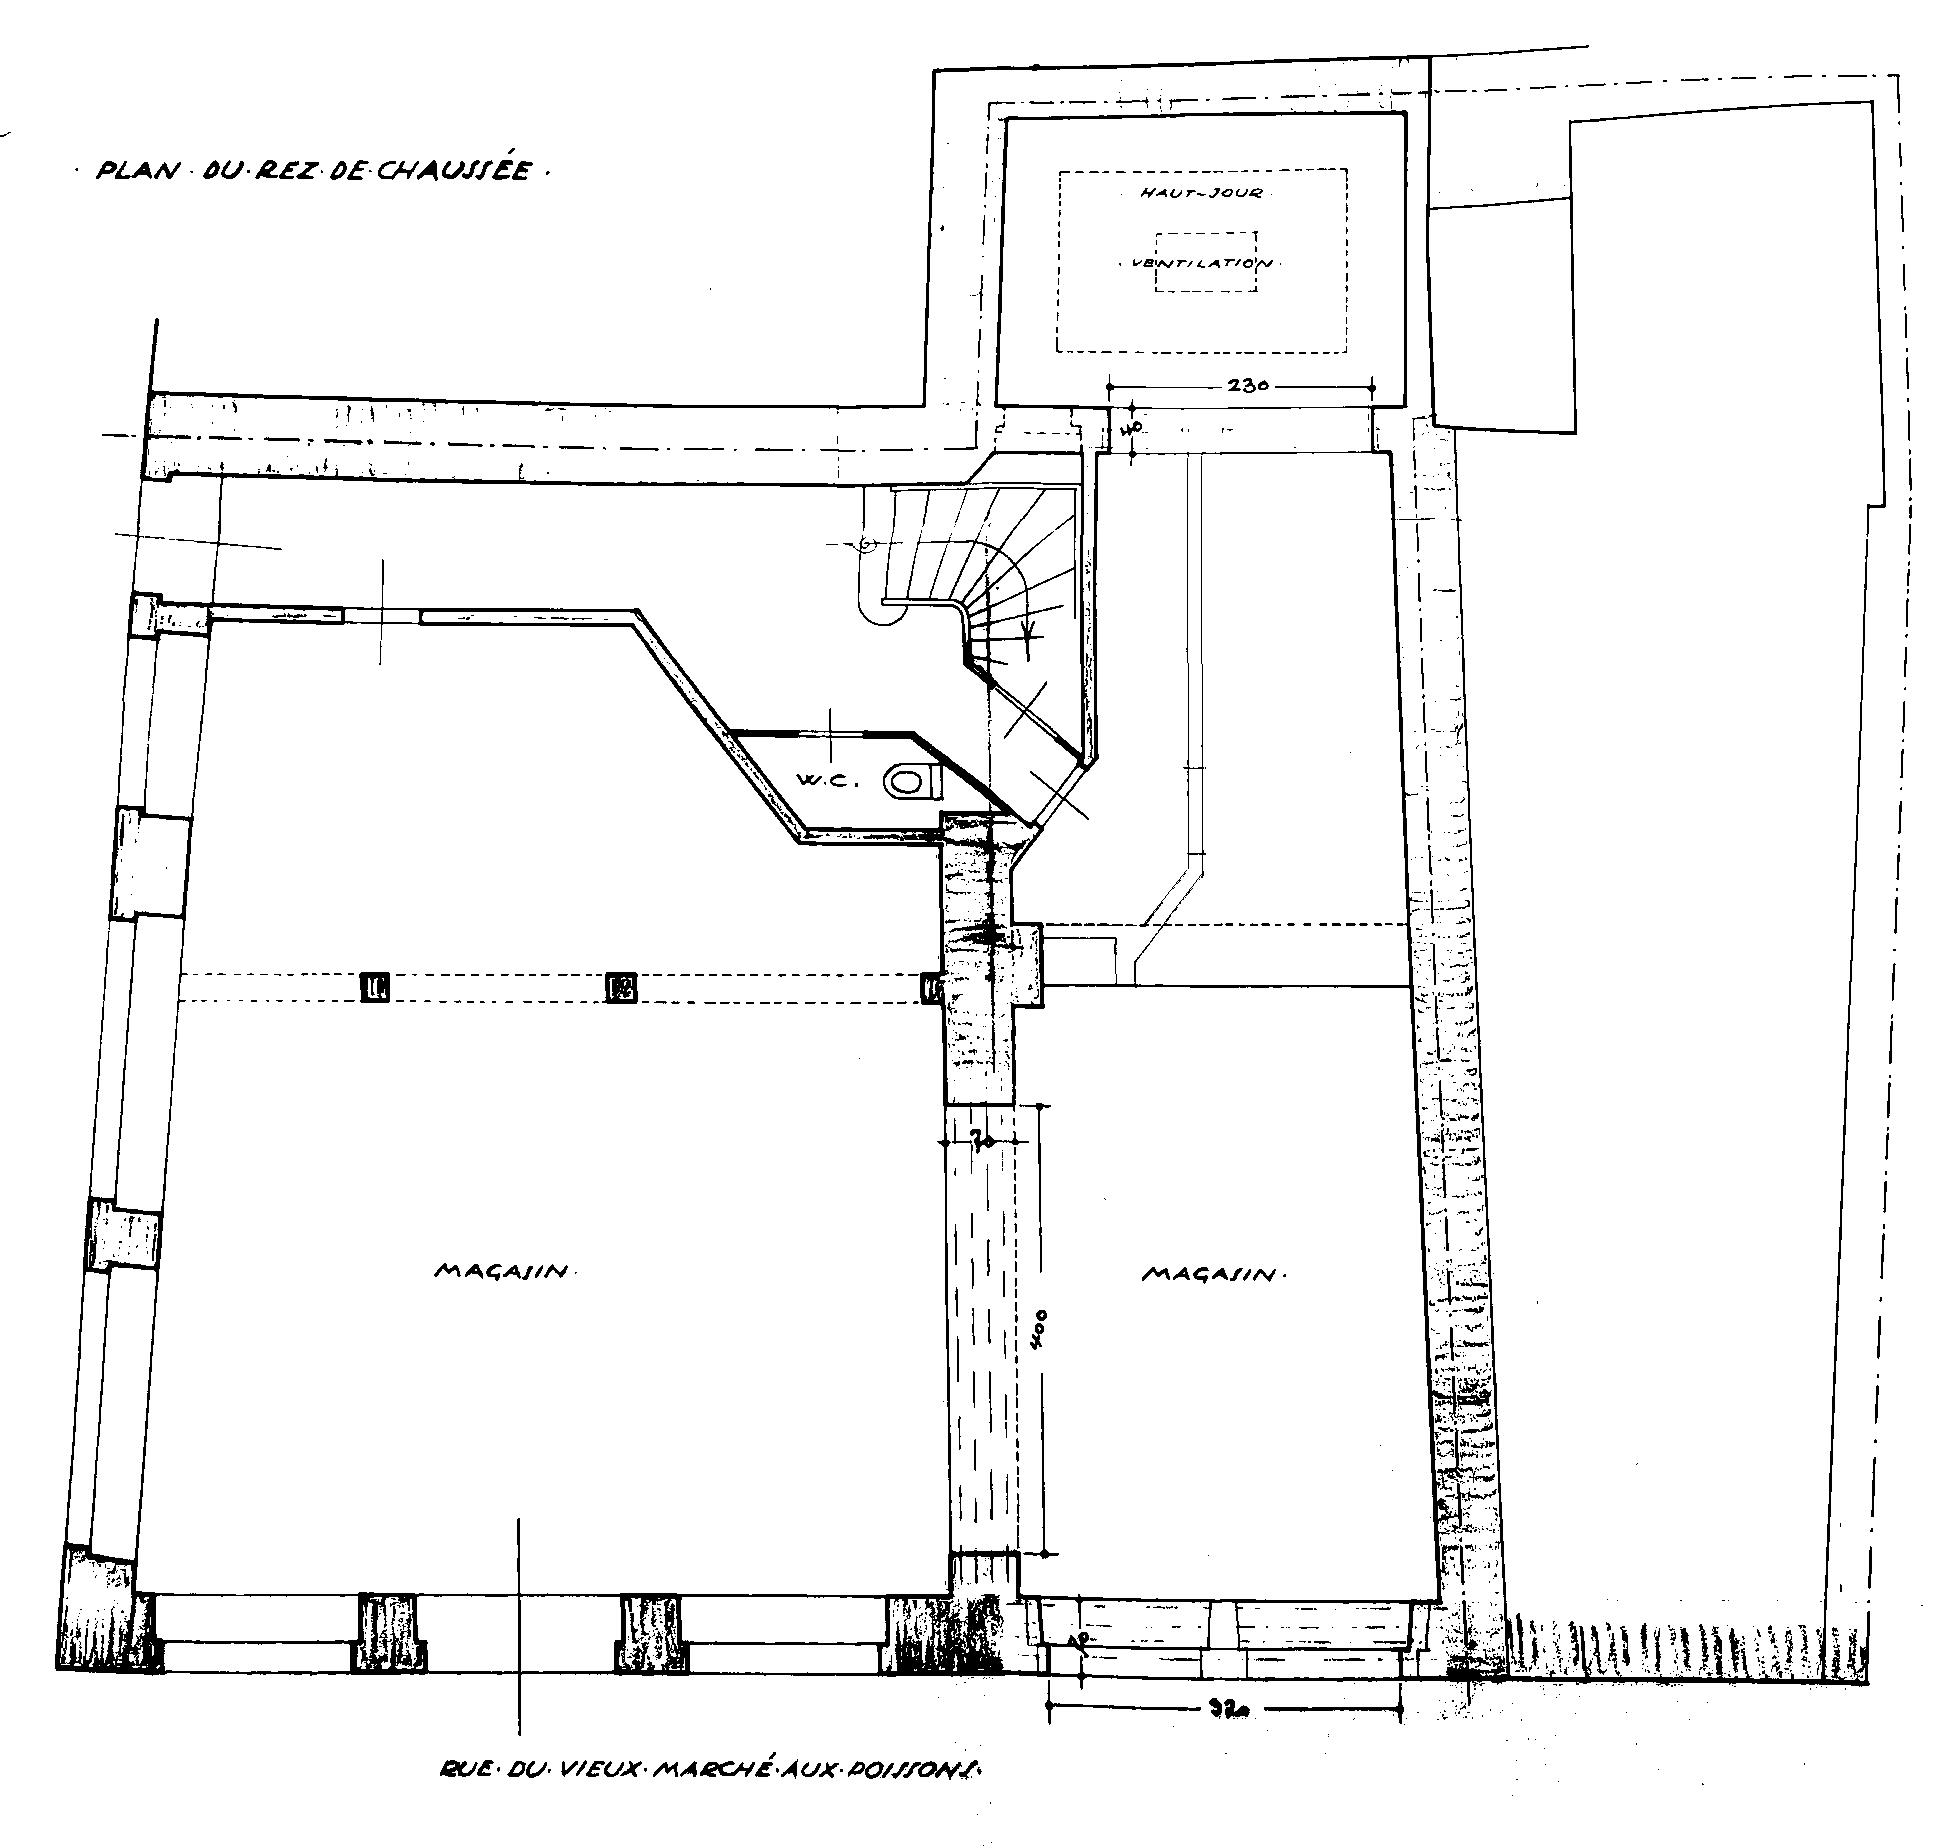 Vieux-March%C3%A9-aux-Poissons-27-1932-plan-709-W-263 Luxe De Salon De Jardin Super U 149 Des Idées